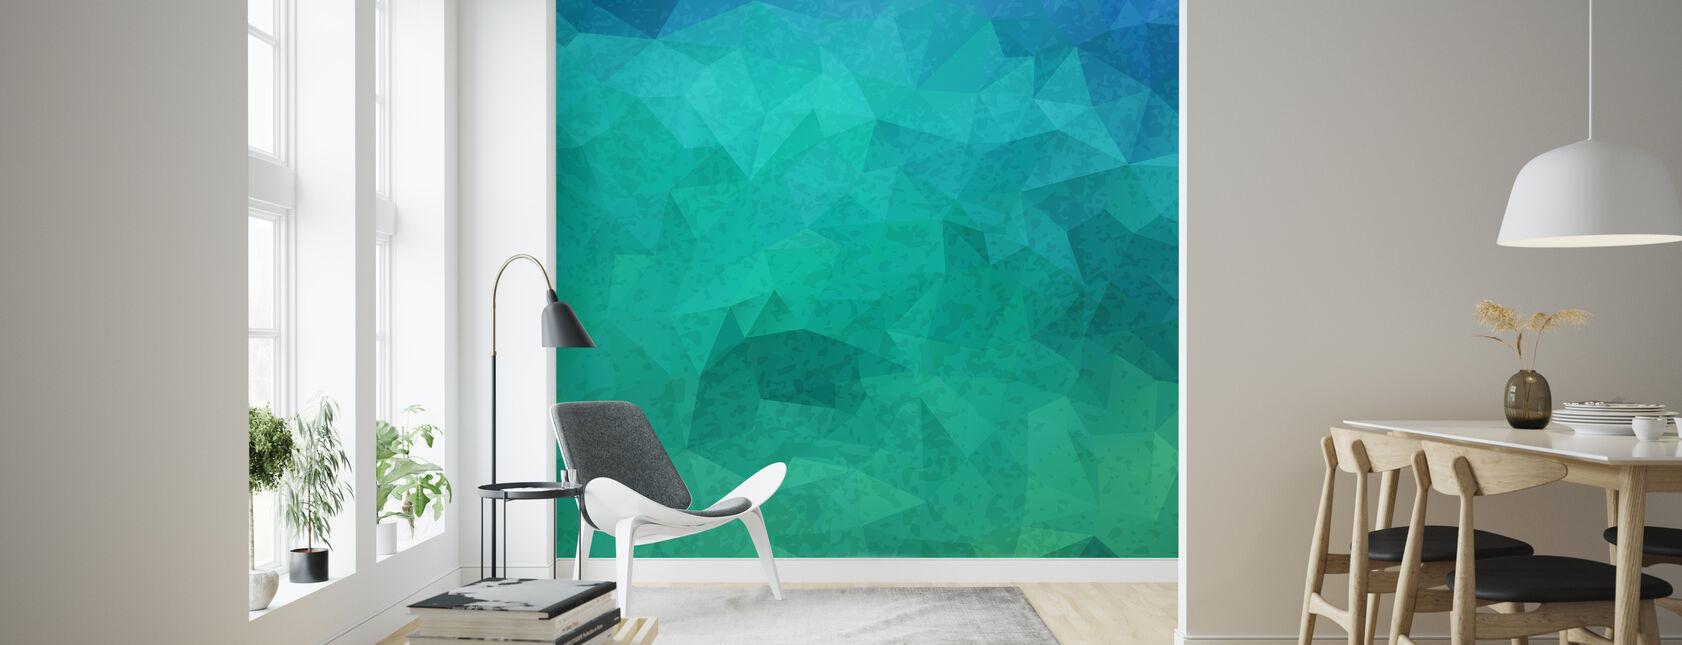 Geometric Hipster - Wallpaper - Living Room